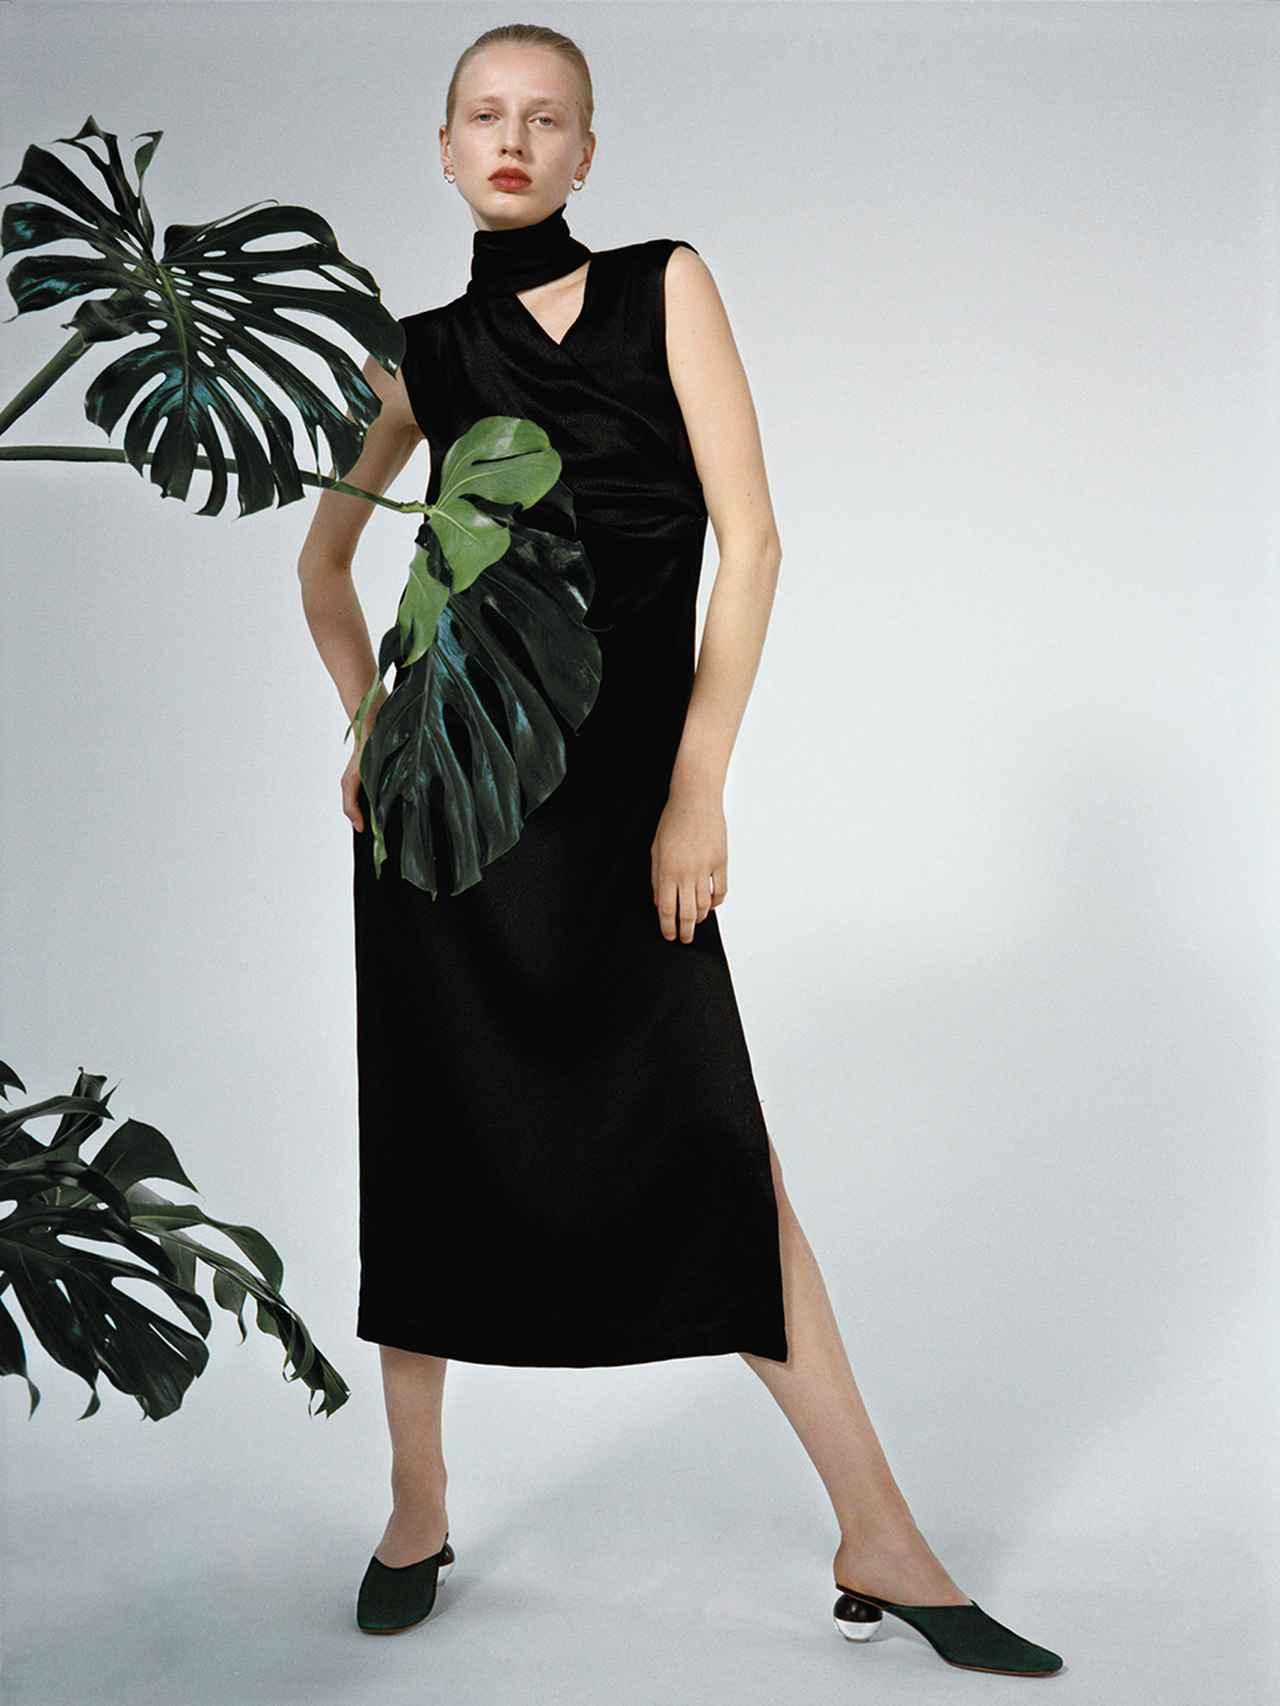 Images : 1番目の画像 - 「蘭をイメージした ミニマルなシューズブランド 「ネオアス」」のアルバム - T JAPAN:The New York Times Style Magazine 公式サイト